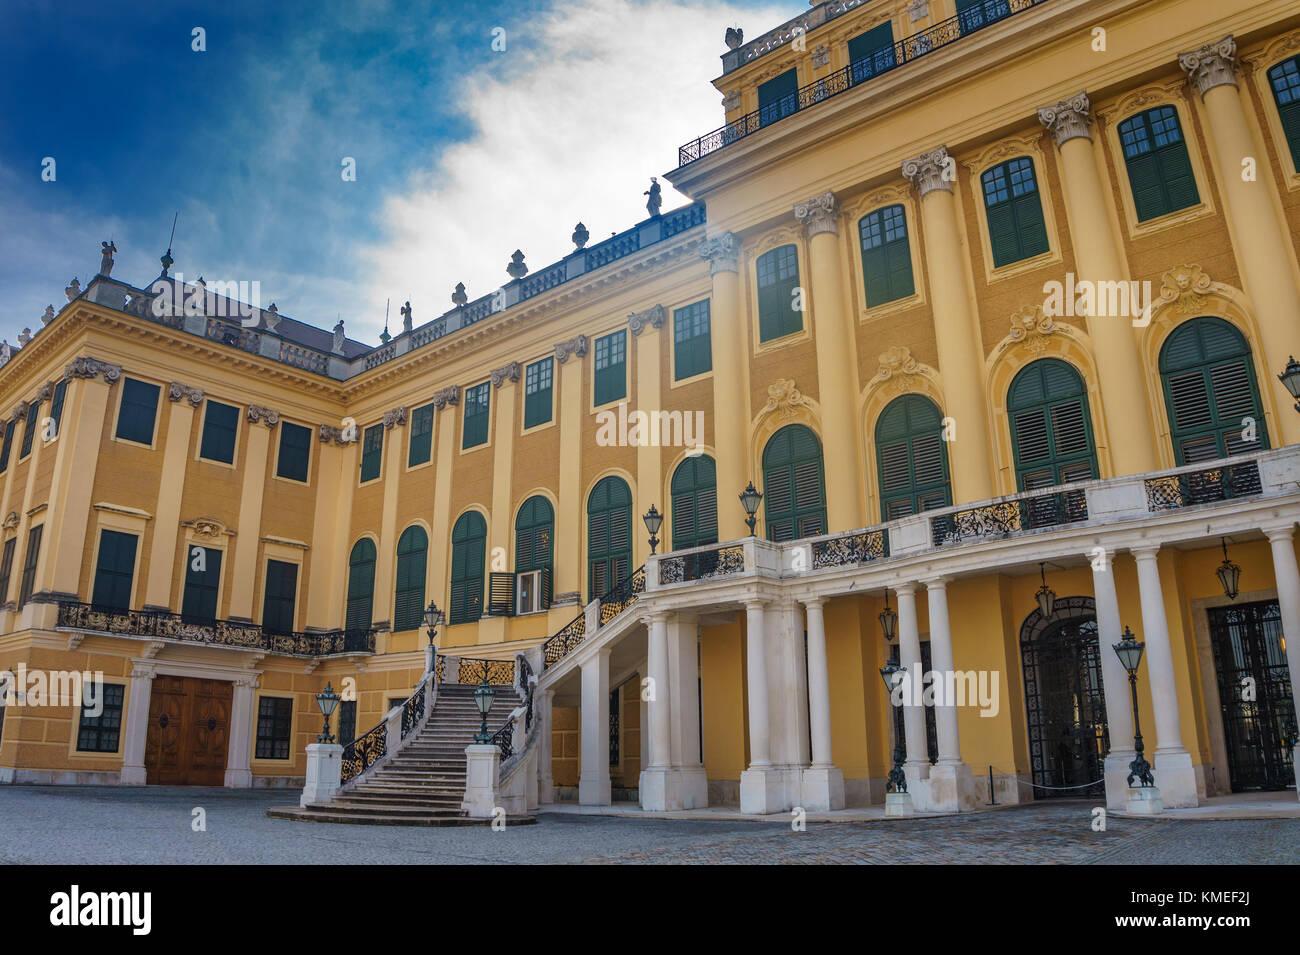 Le célèbre palais de Schonbrunn Vienne en Autriche, l'Europe. Photo Stock